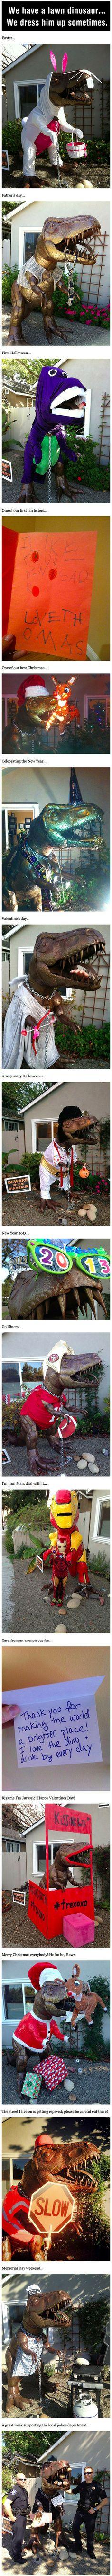 Quiero un dinosaurio en mi jardín